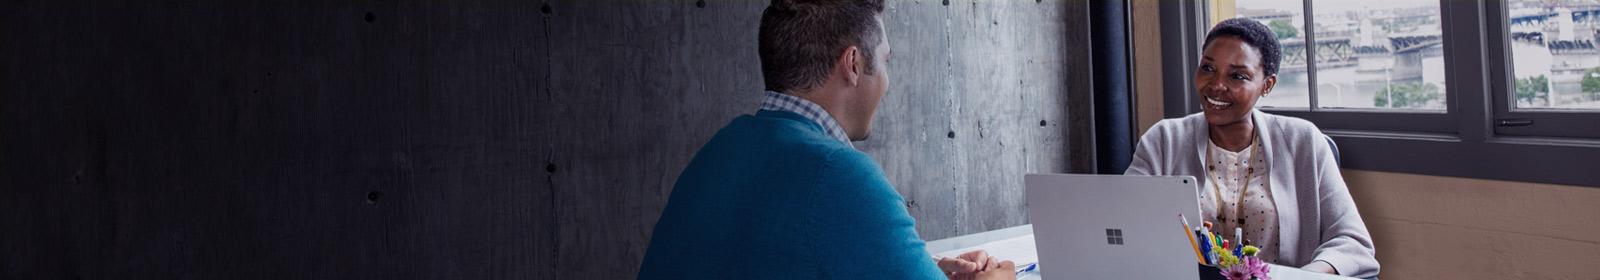 Man and woman at desk conversing